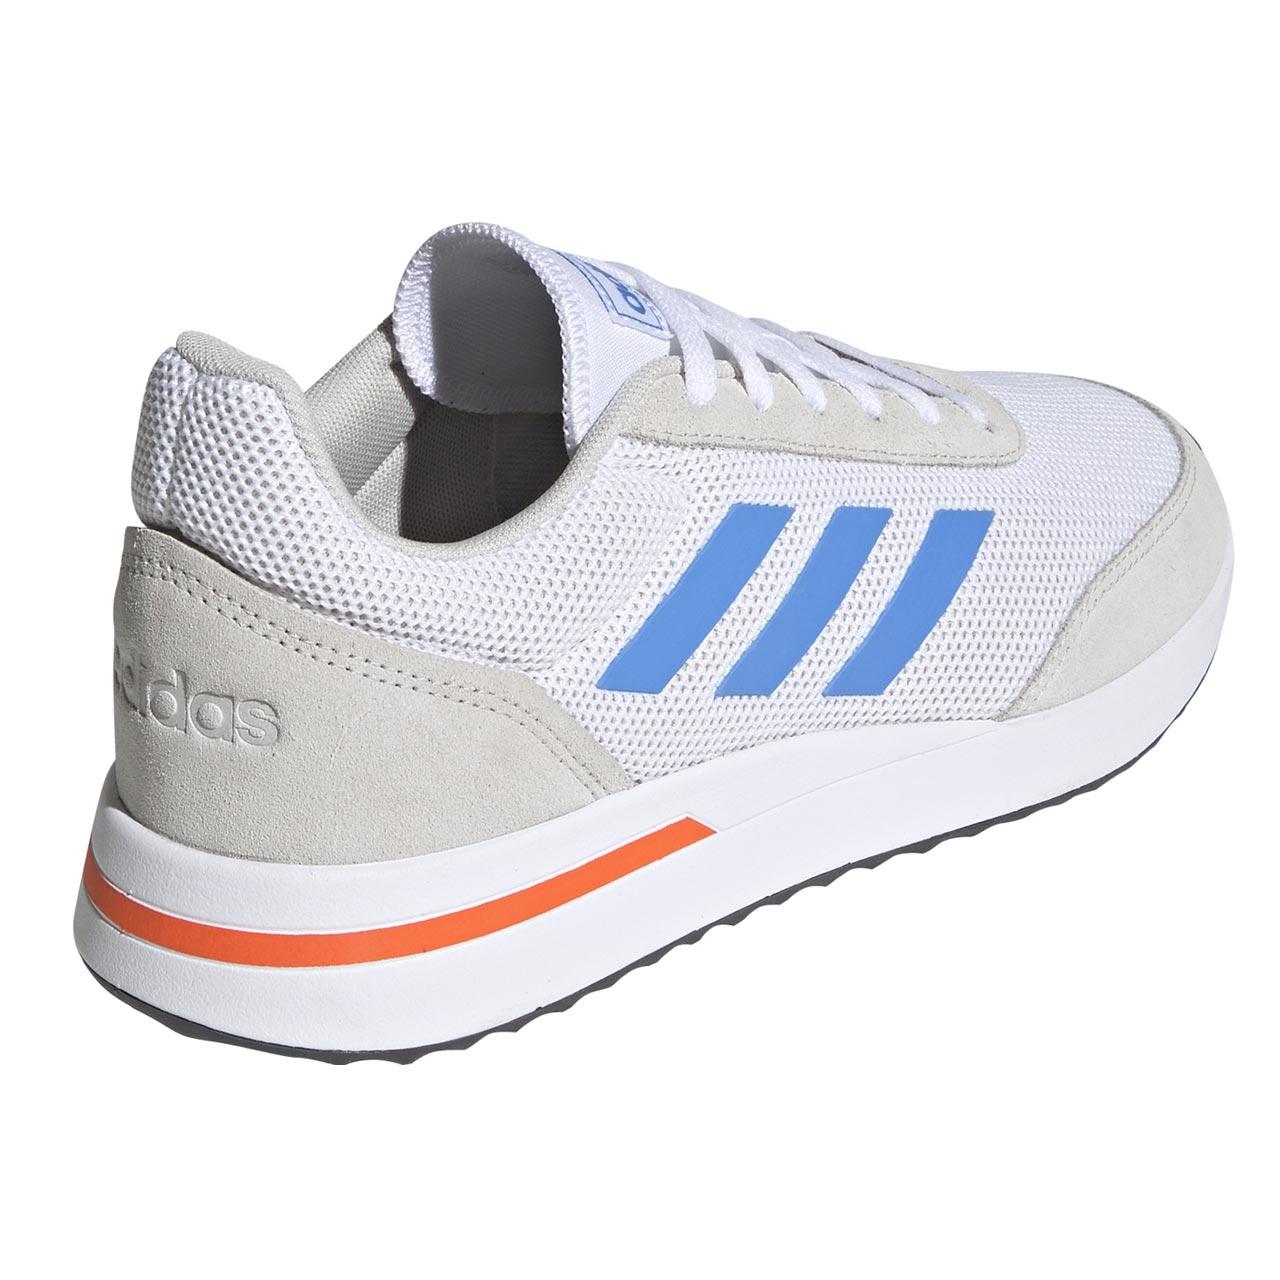 adidas Sneaker Damen 70s Run Damen adidas FKclJT13